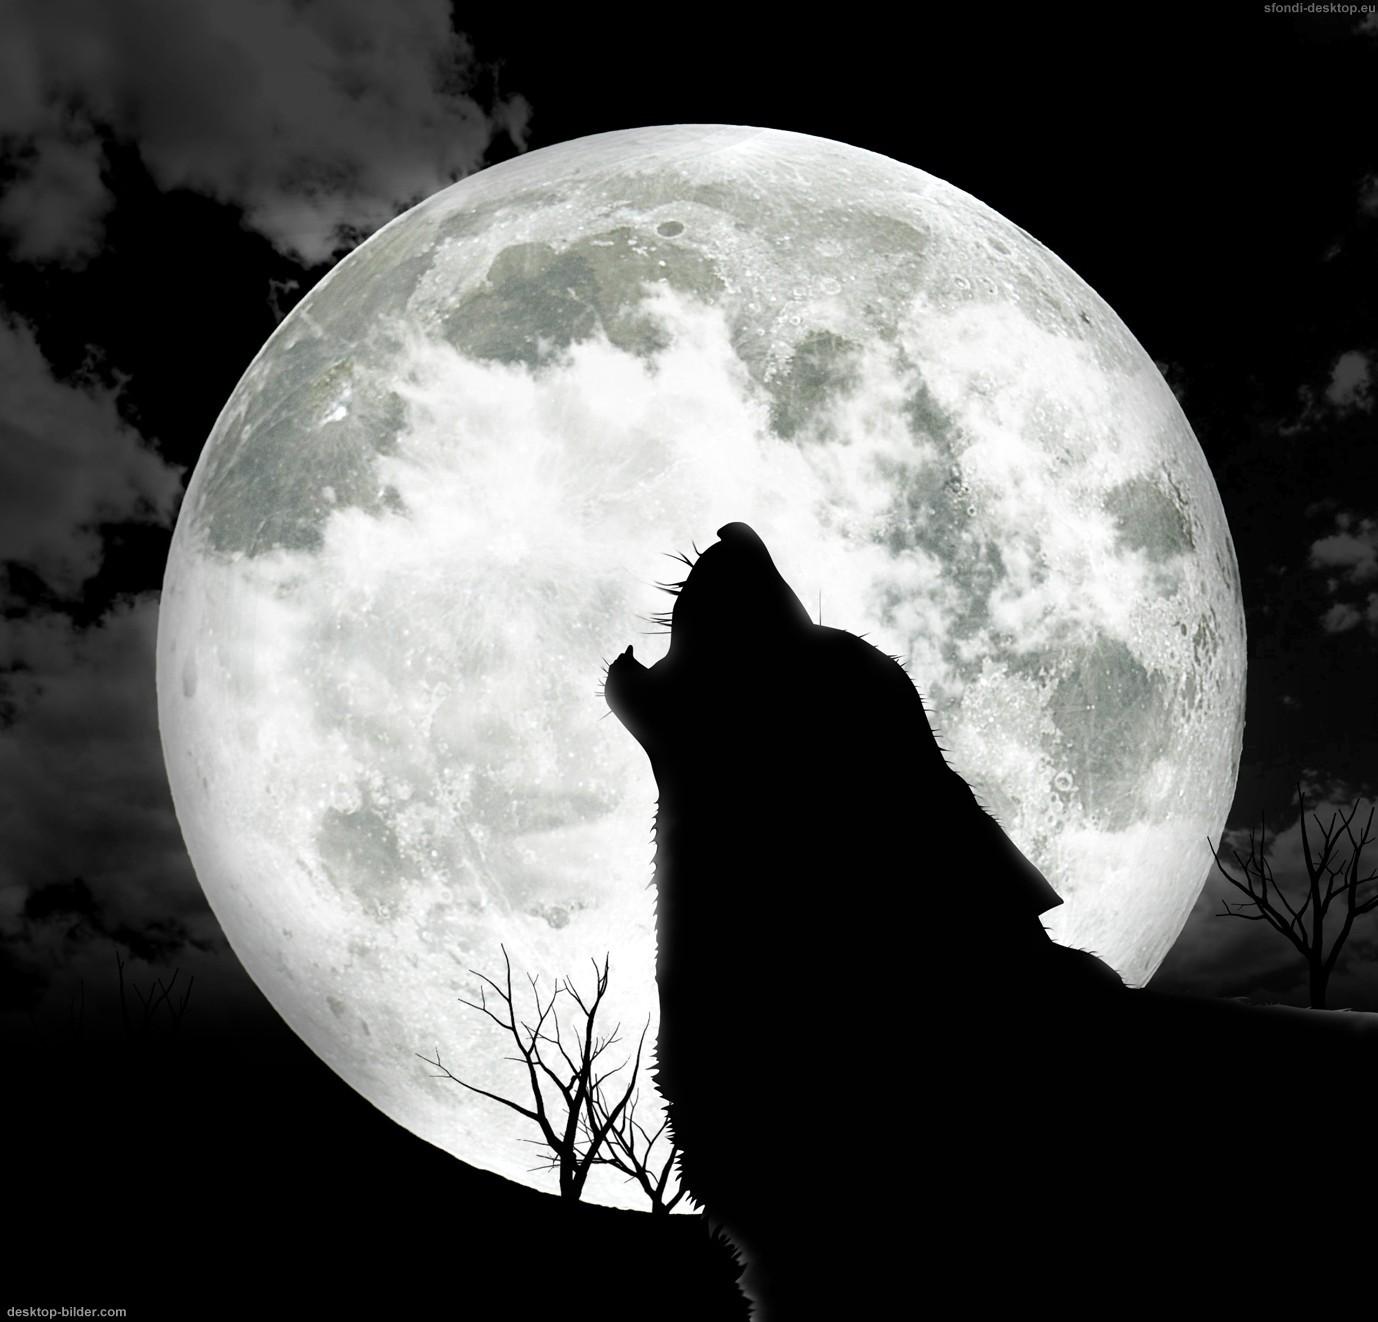 Hauling At The Moon